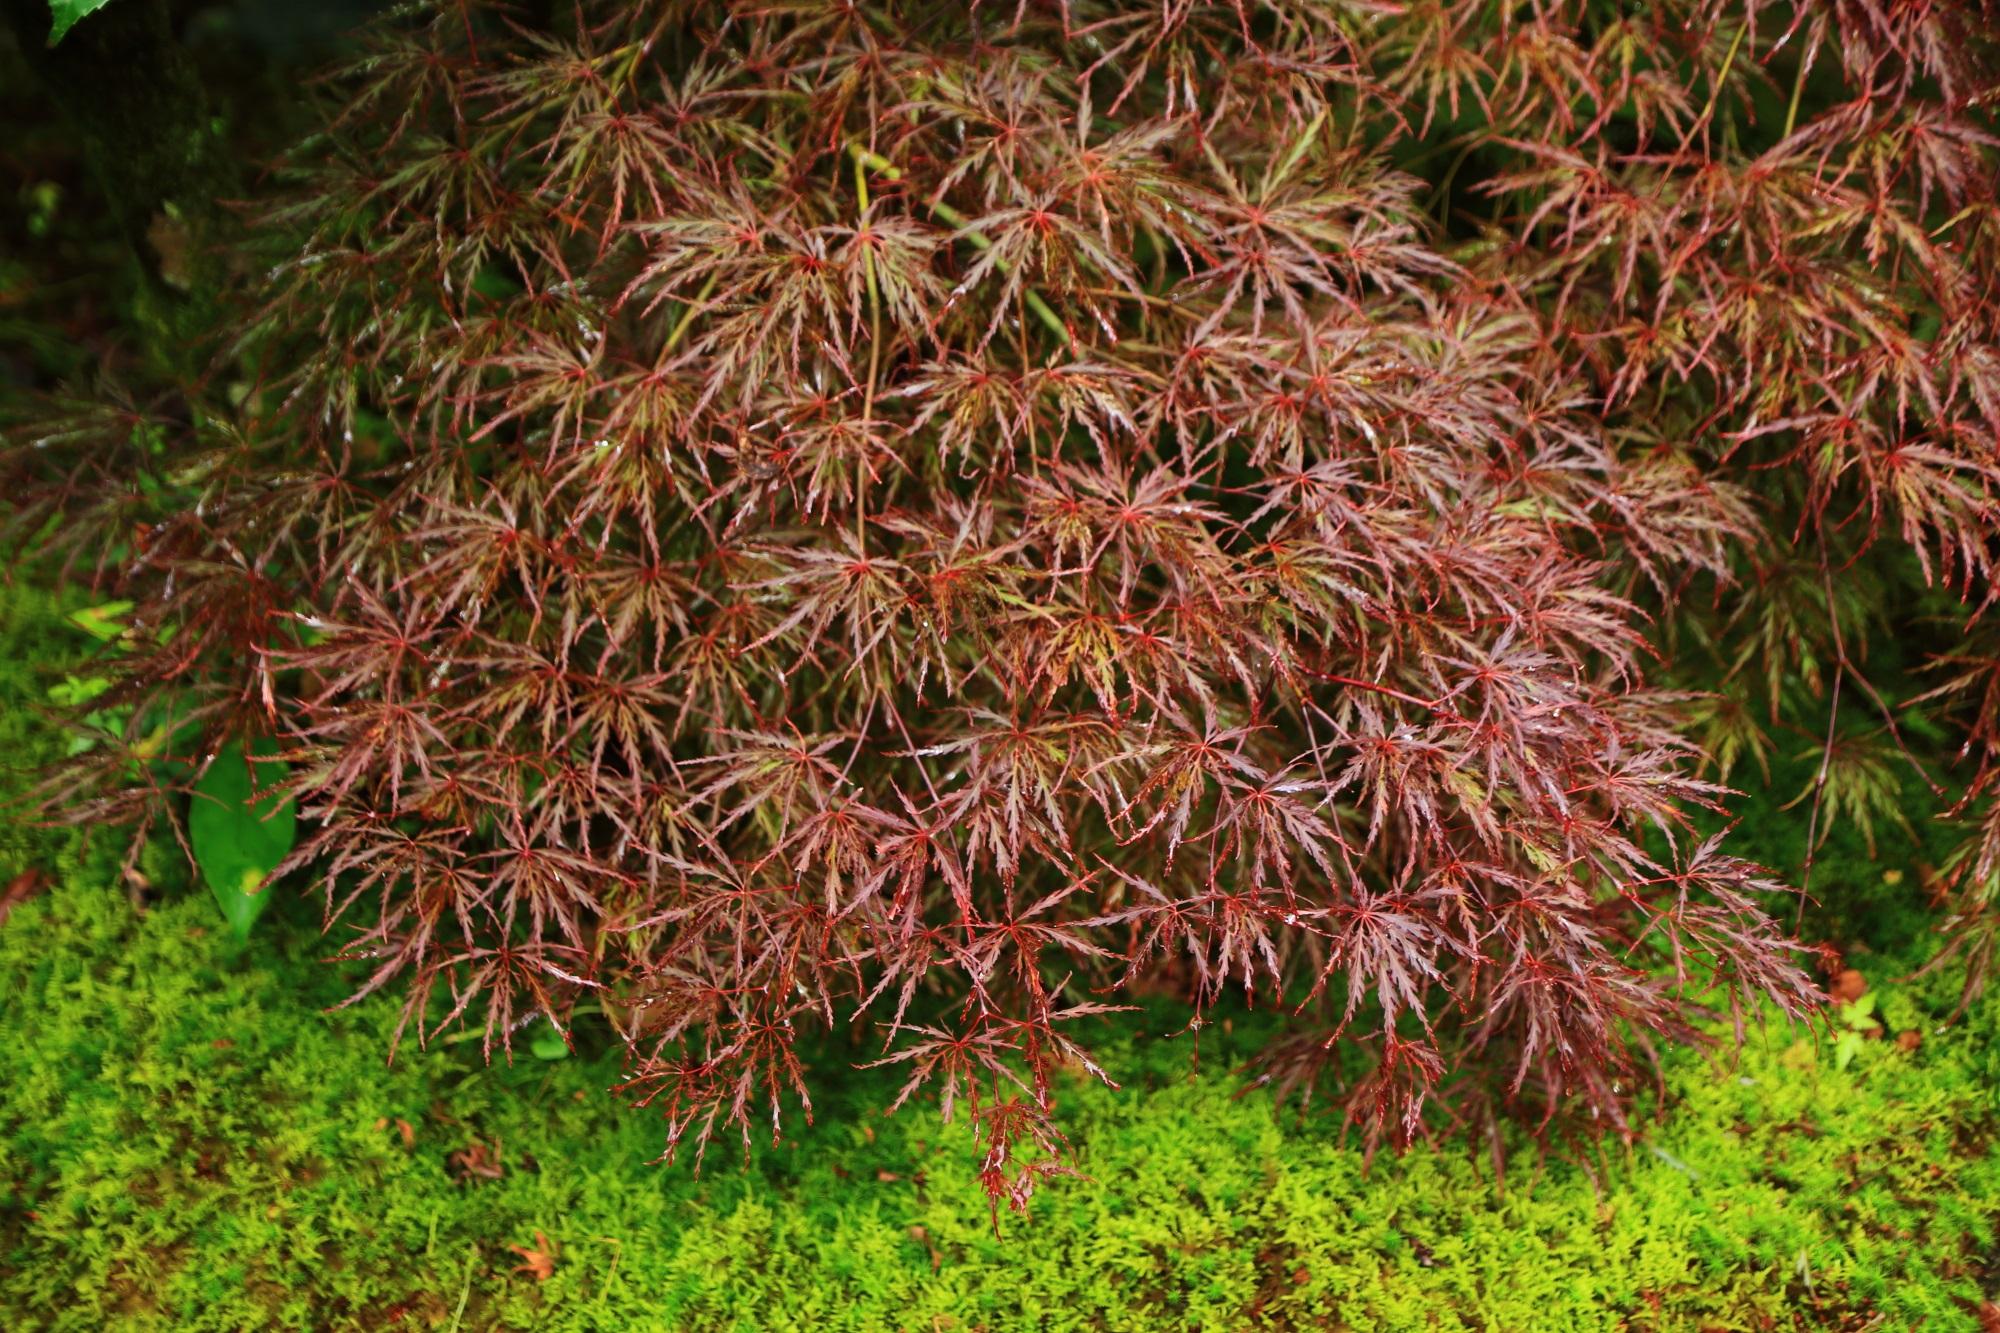 三室戸寺の三重塔付近の雨で潤った絶品のもみじと苔